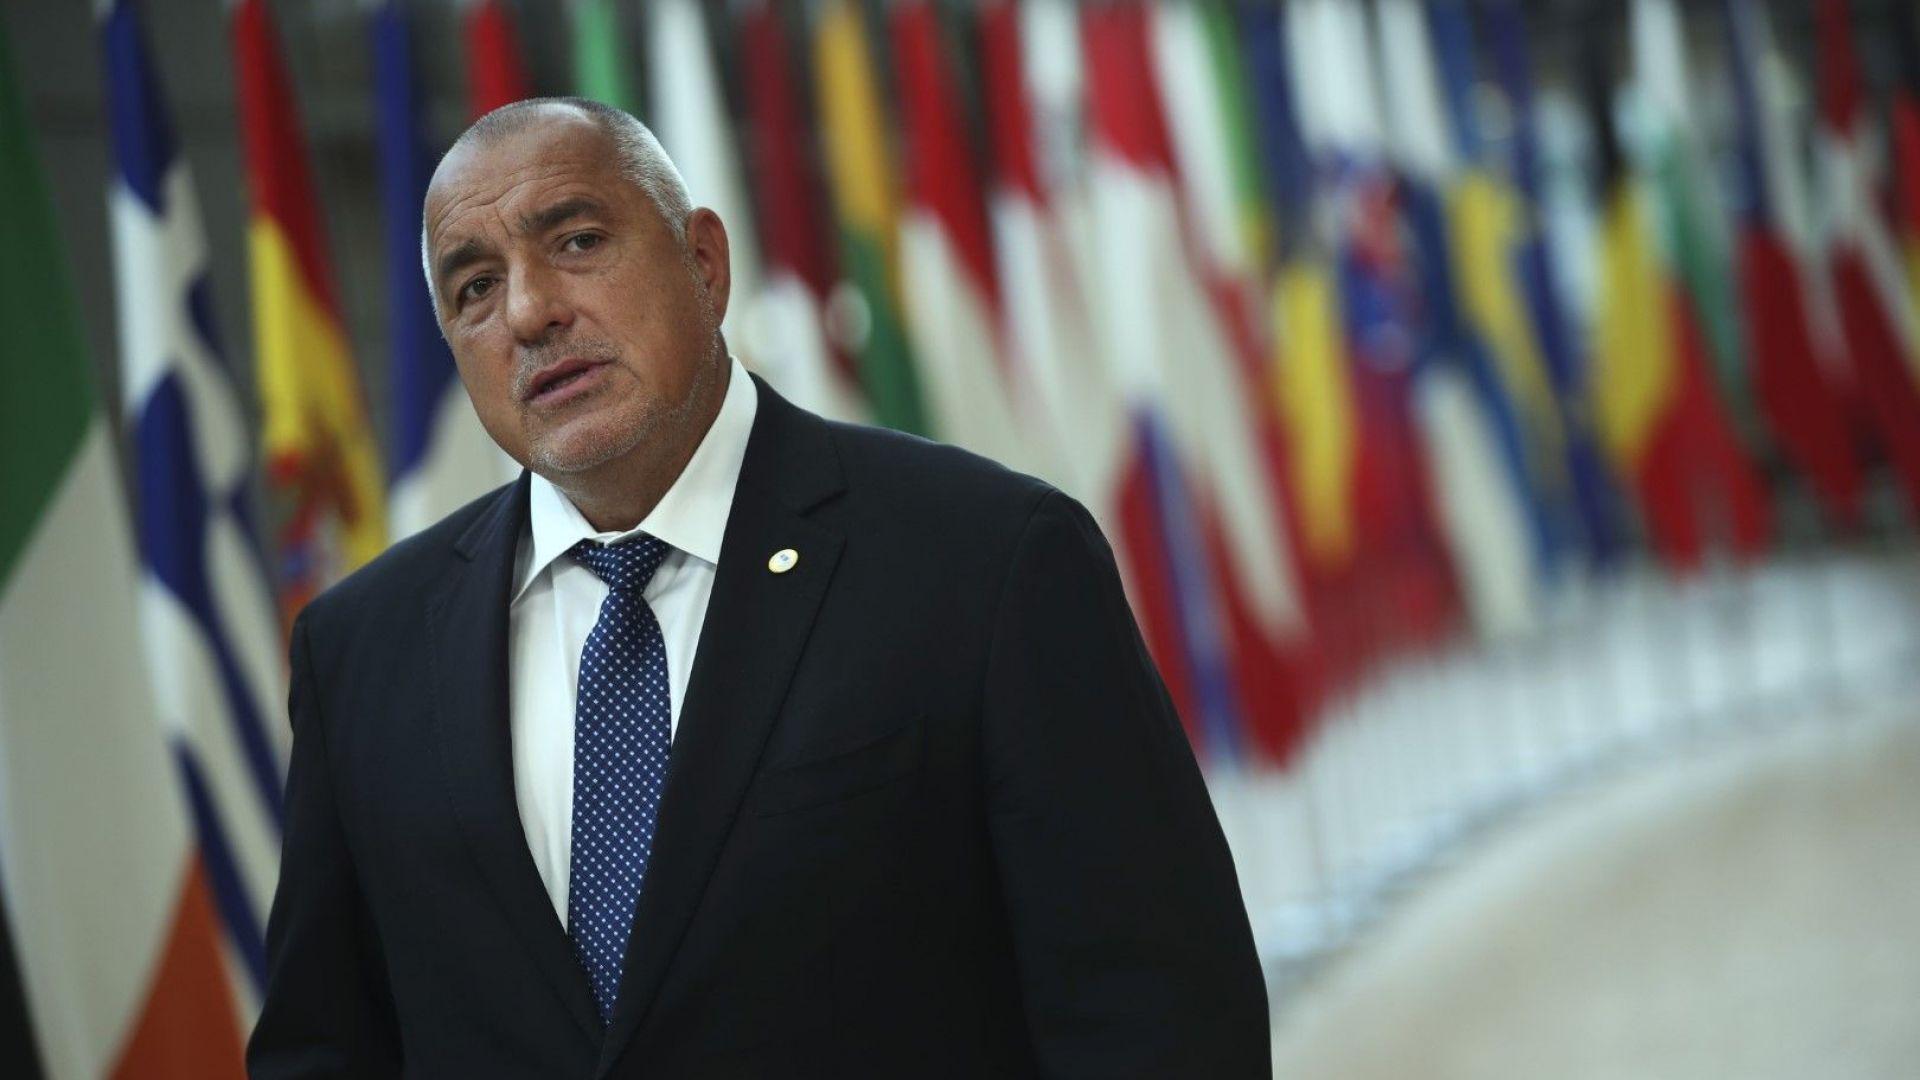 Борисов: Полагам огромни усилия да сближа позициите на Севера, Юга и ЦИЕ